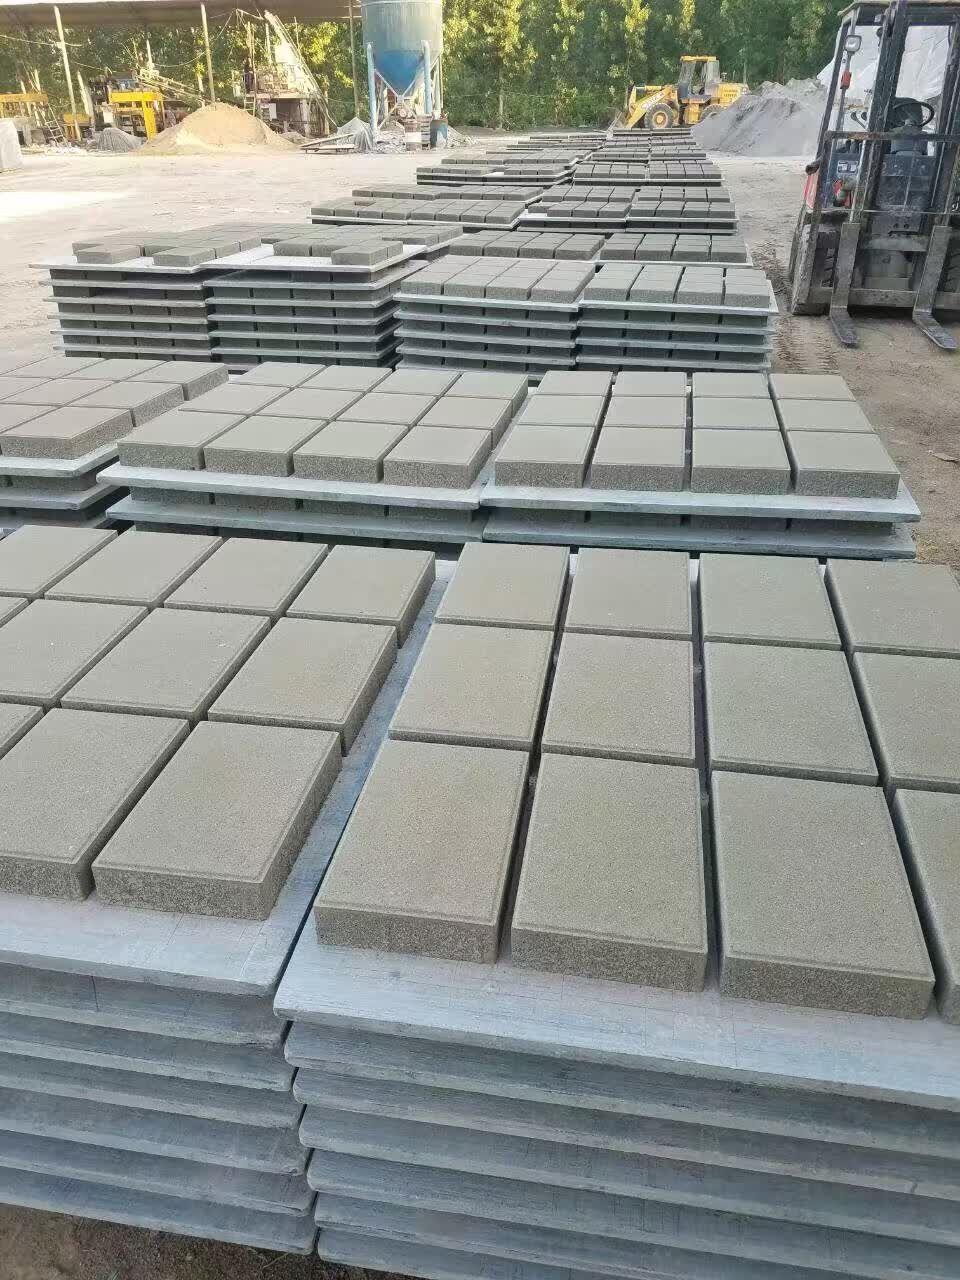 塑料砖托板/PVC砖托板厂家常年生产各种规格尺寸